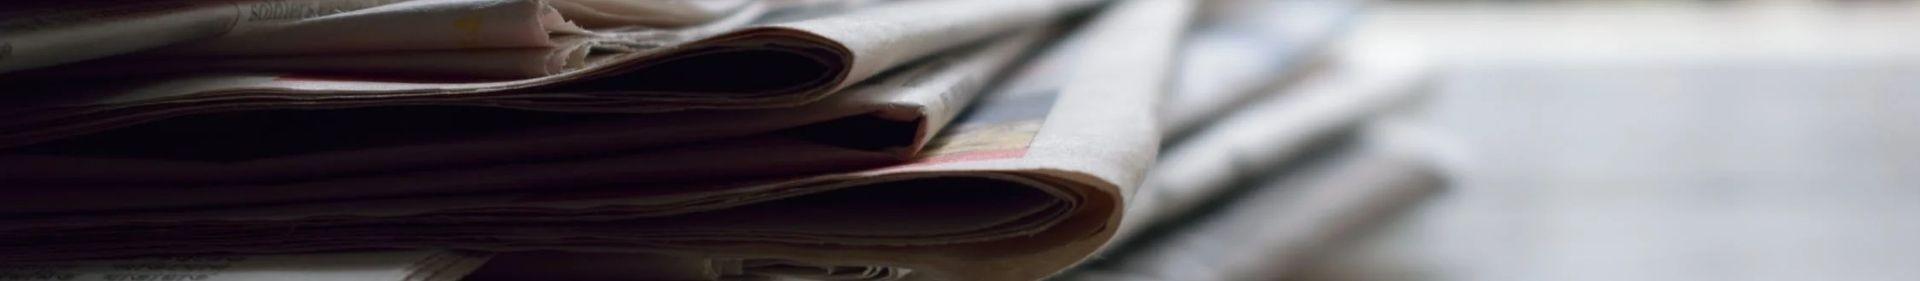 media-hub-mj-evans